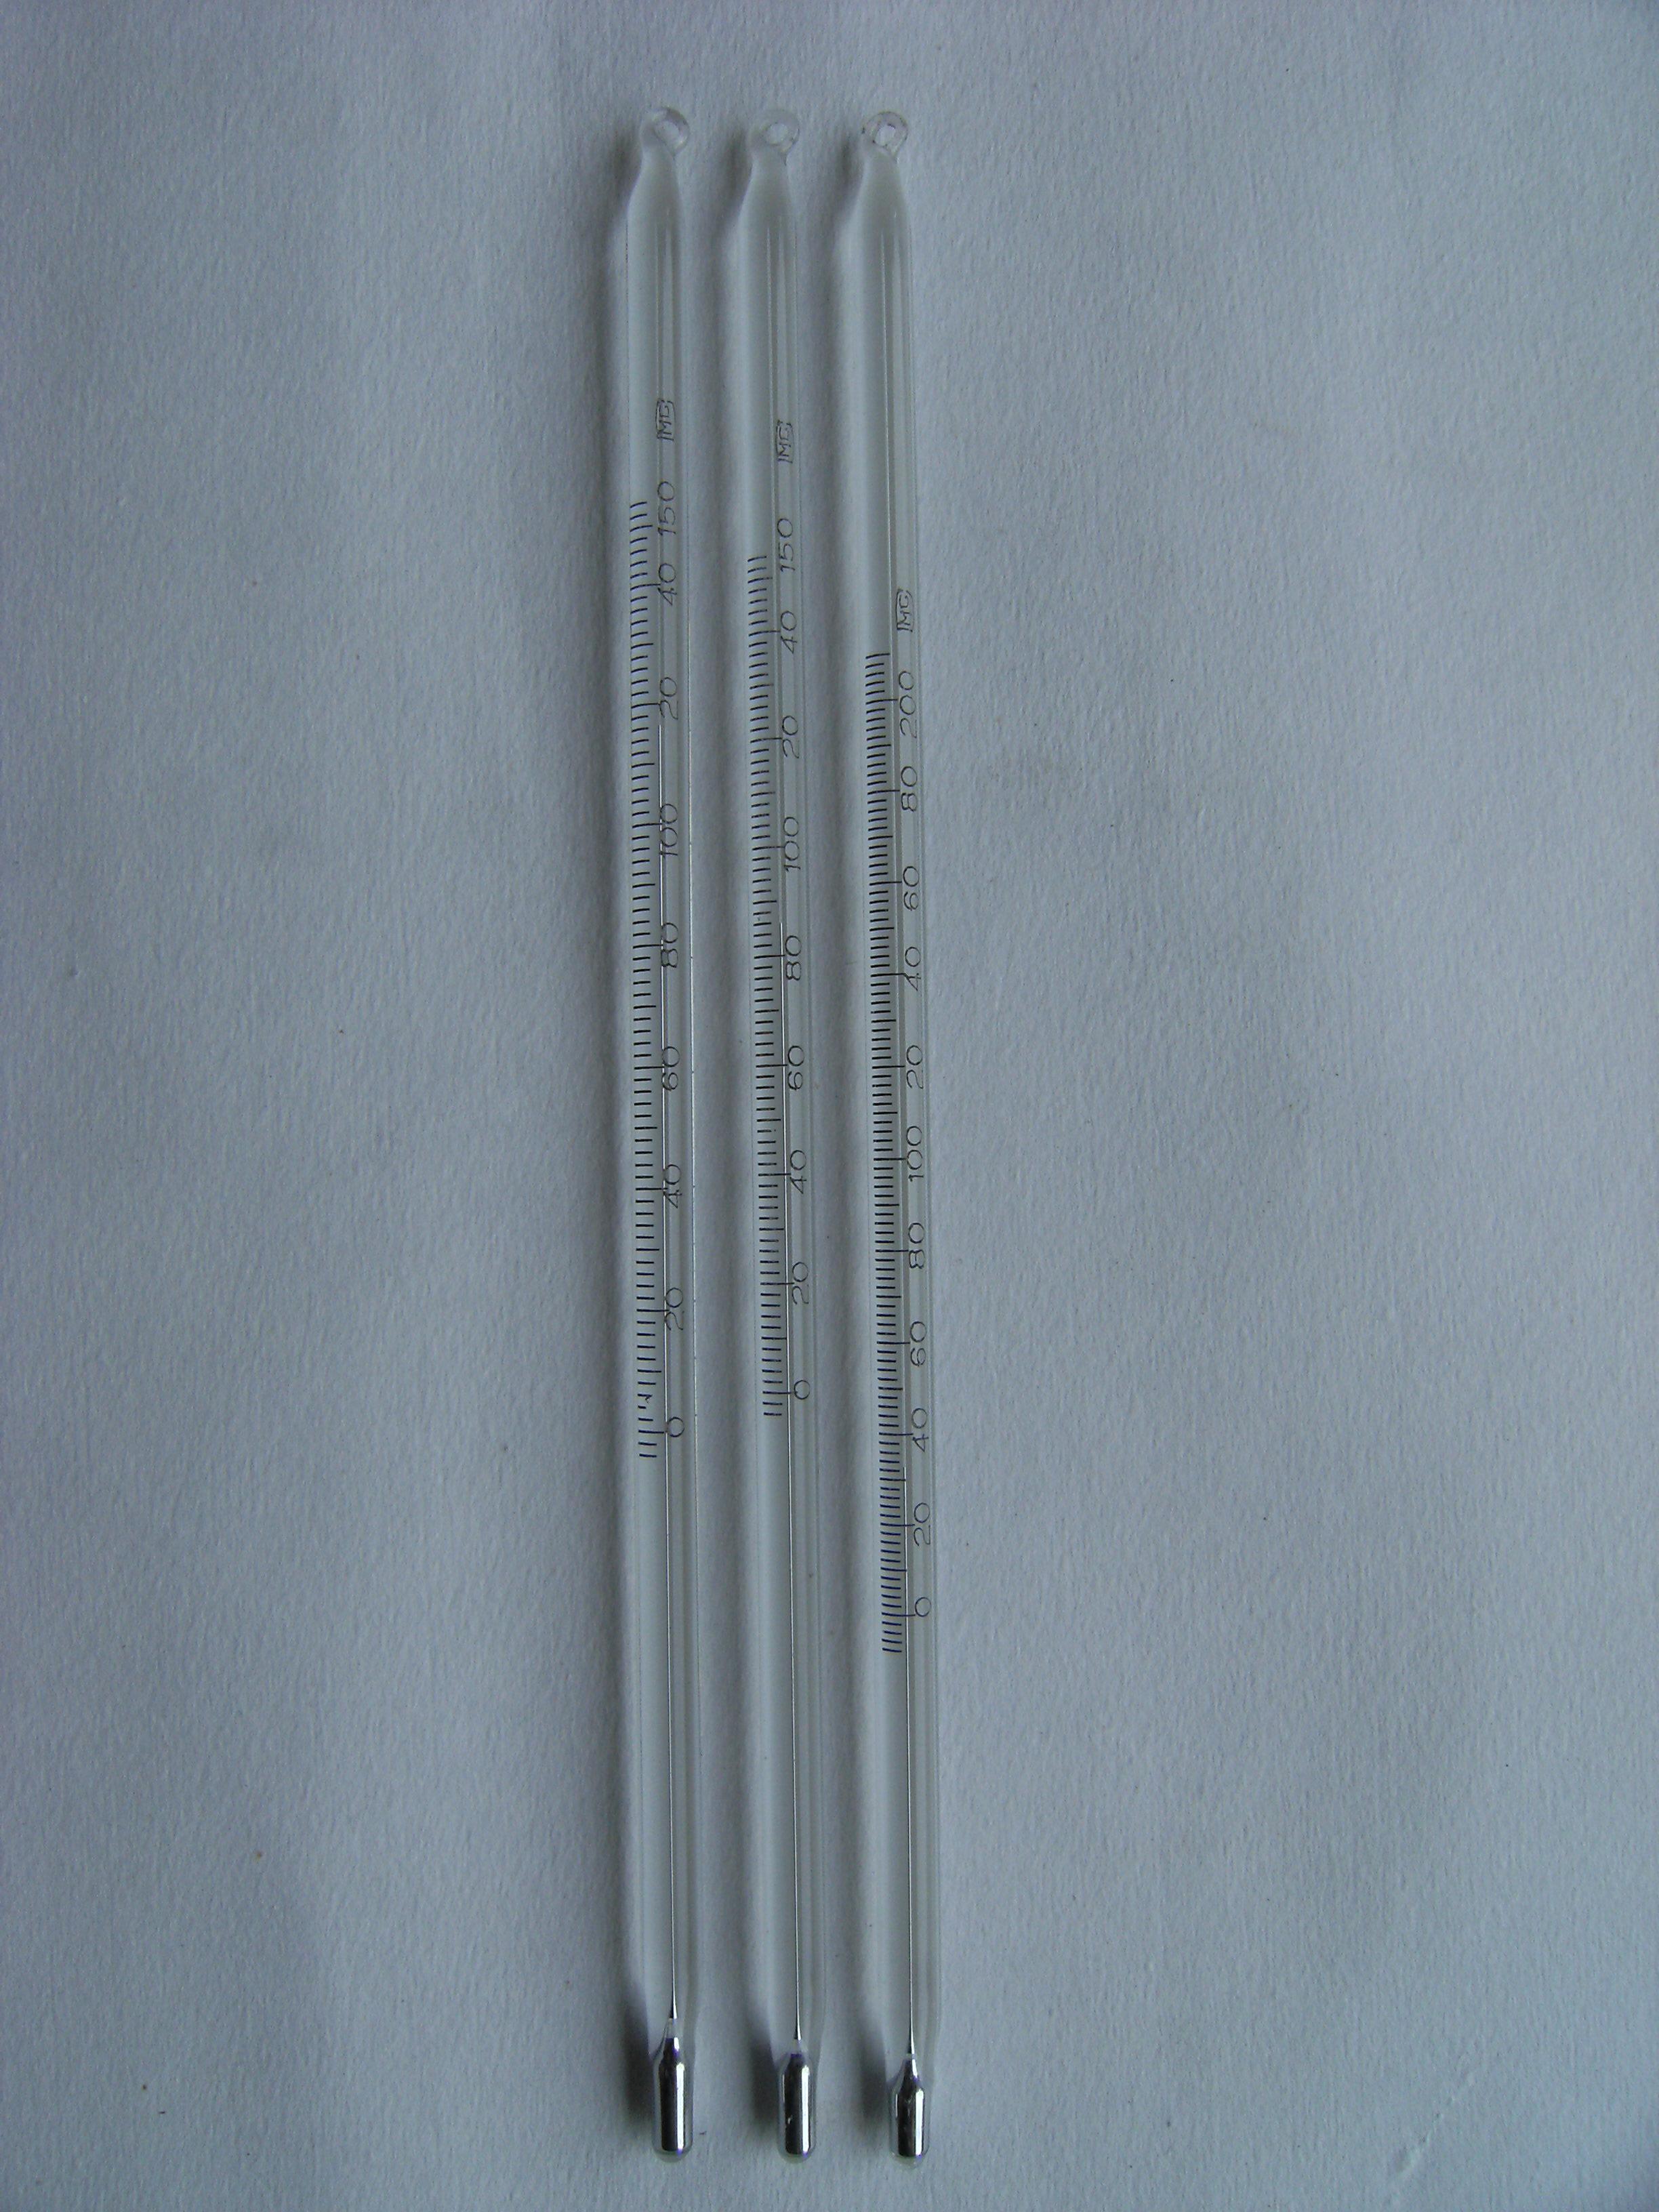 留点温度计是指水银柱指